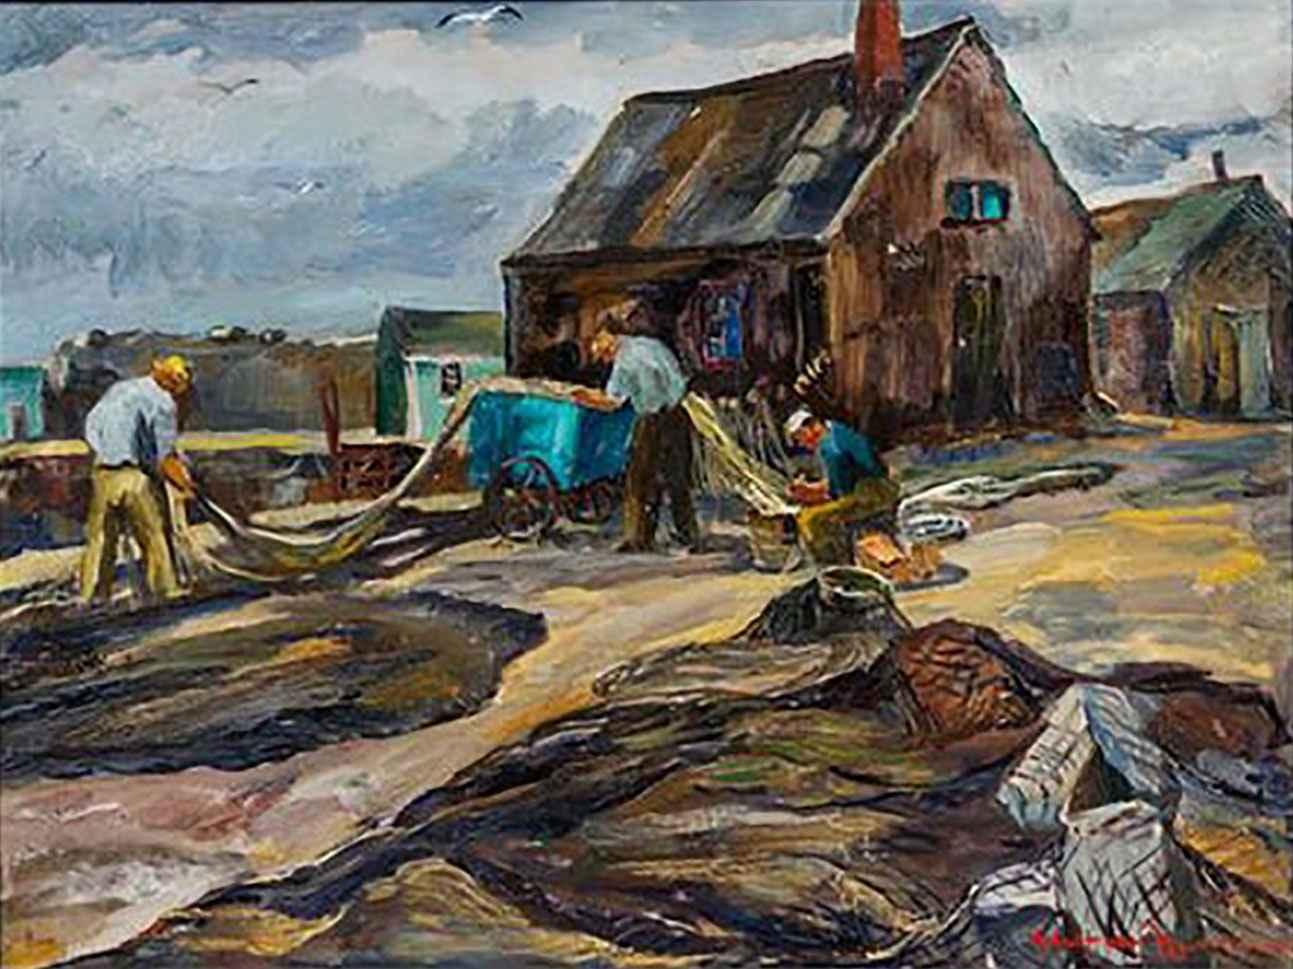 3 Fishermen Working by Mr. Robert von Neumann - Masterpiece Online